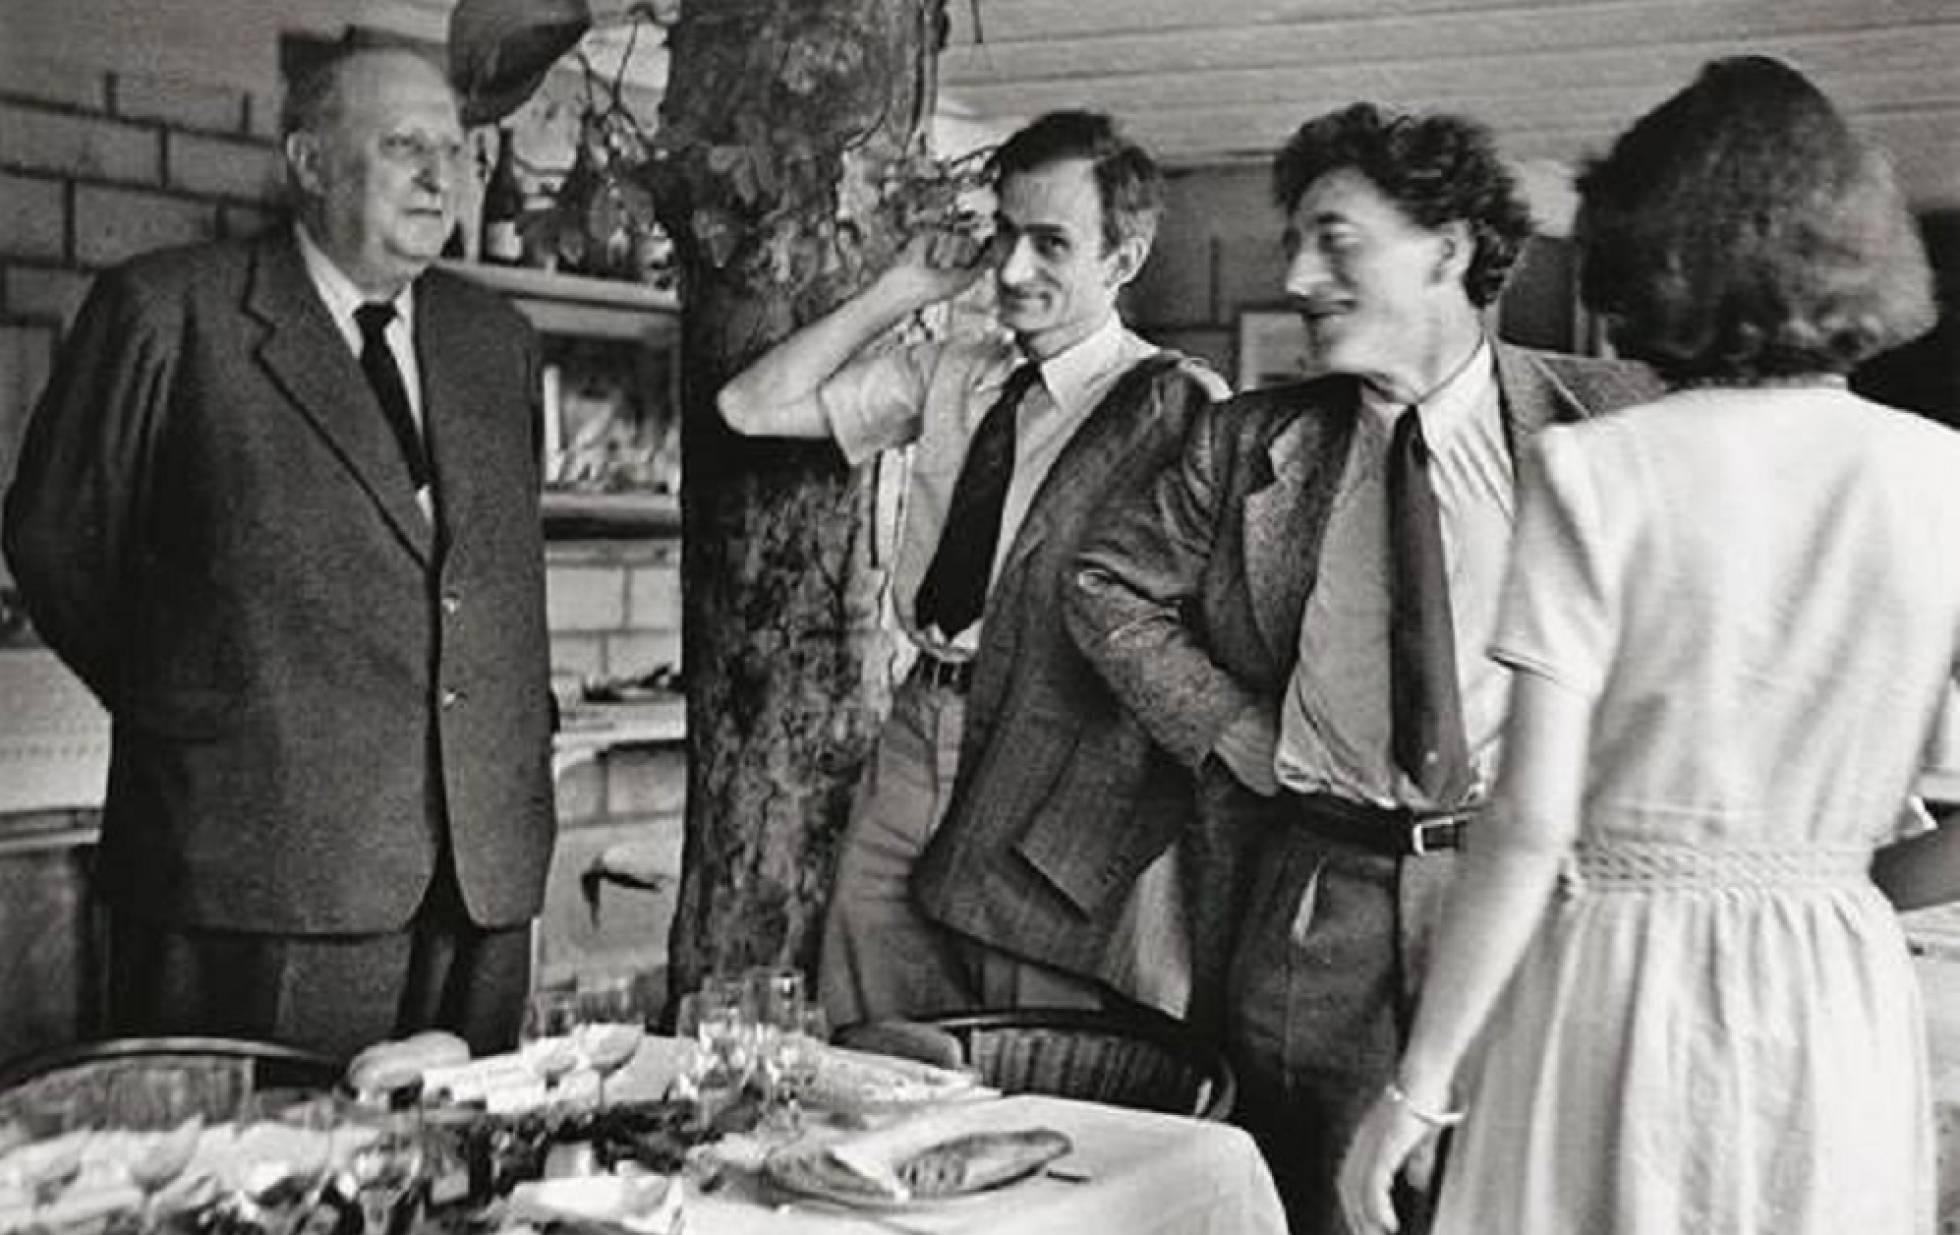 Desde la izquierda, Derain, Balthus, Alberto y Annette Giacometti, en los cincuenta. ALEXANDER LIBERMAN (GETTY TRUST)